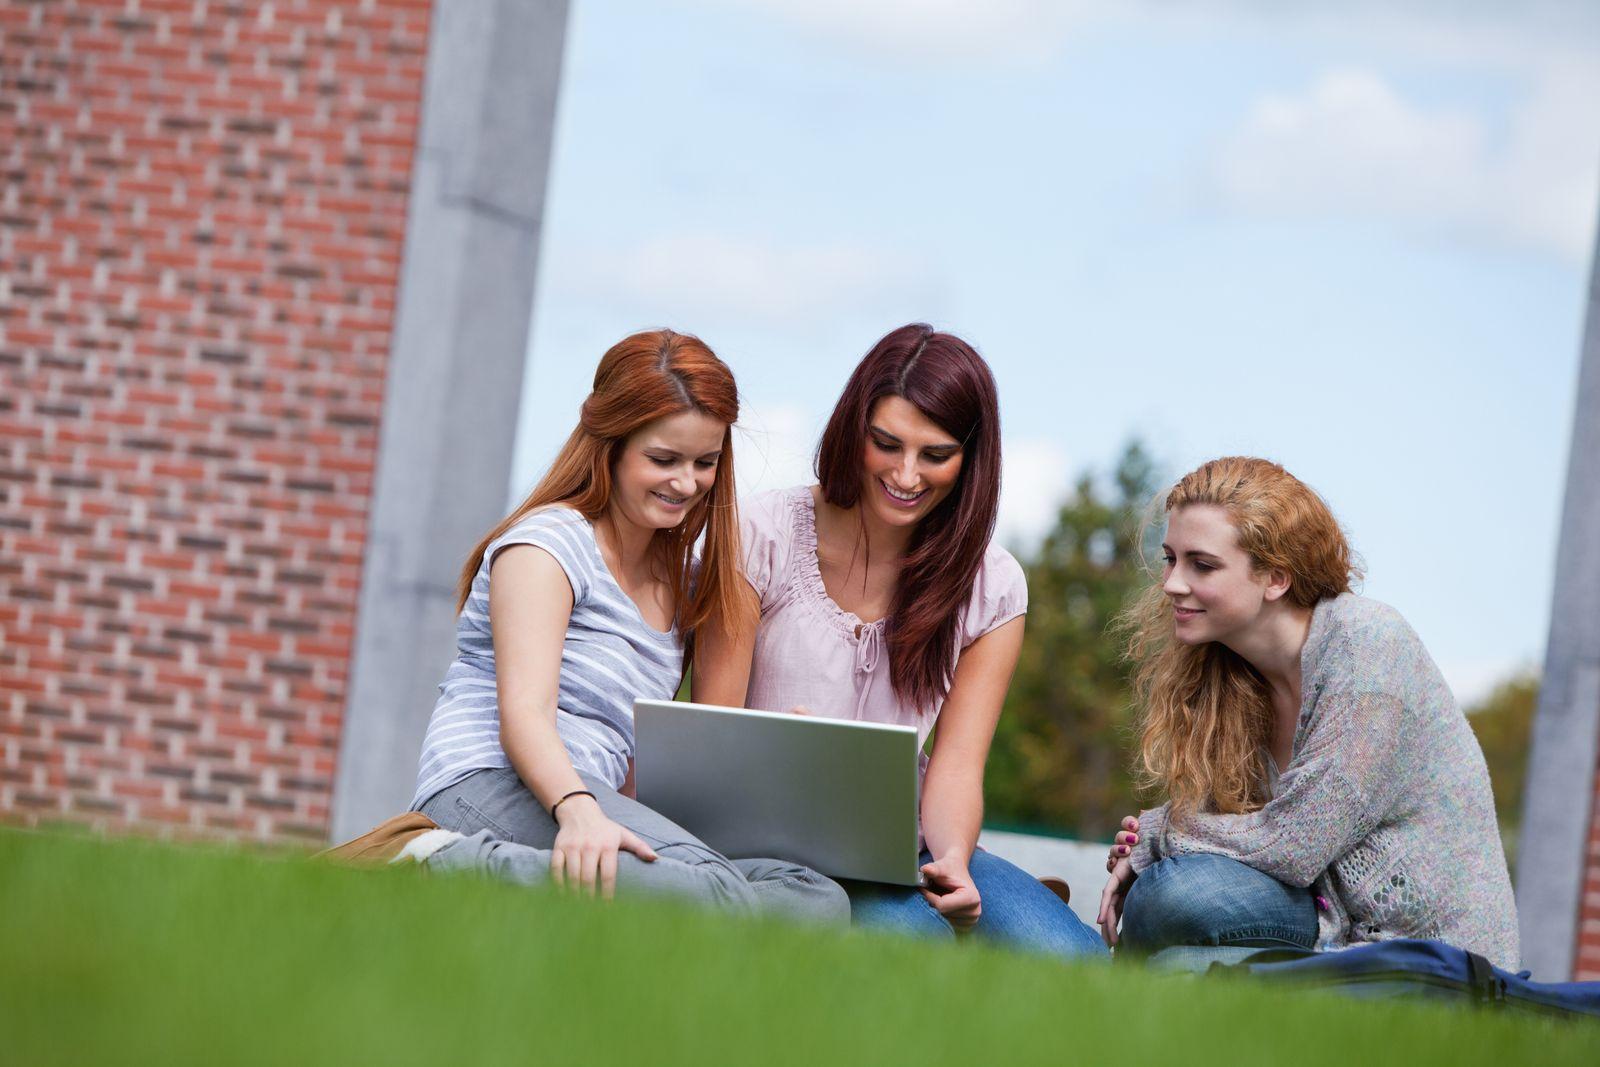 NICHT MEHR VERWENDEN! - Studenten / Sommer / Uni / Wiese (Kopie)